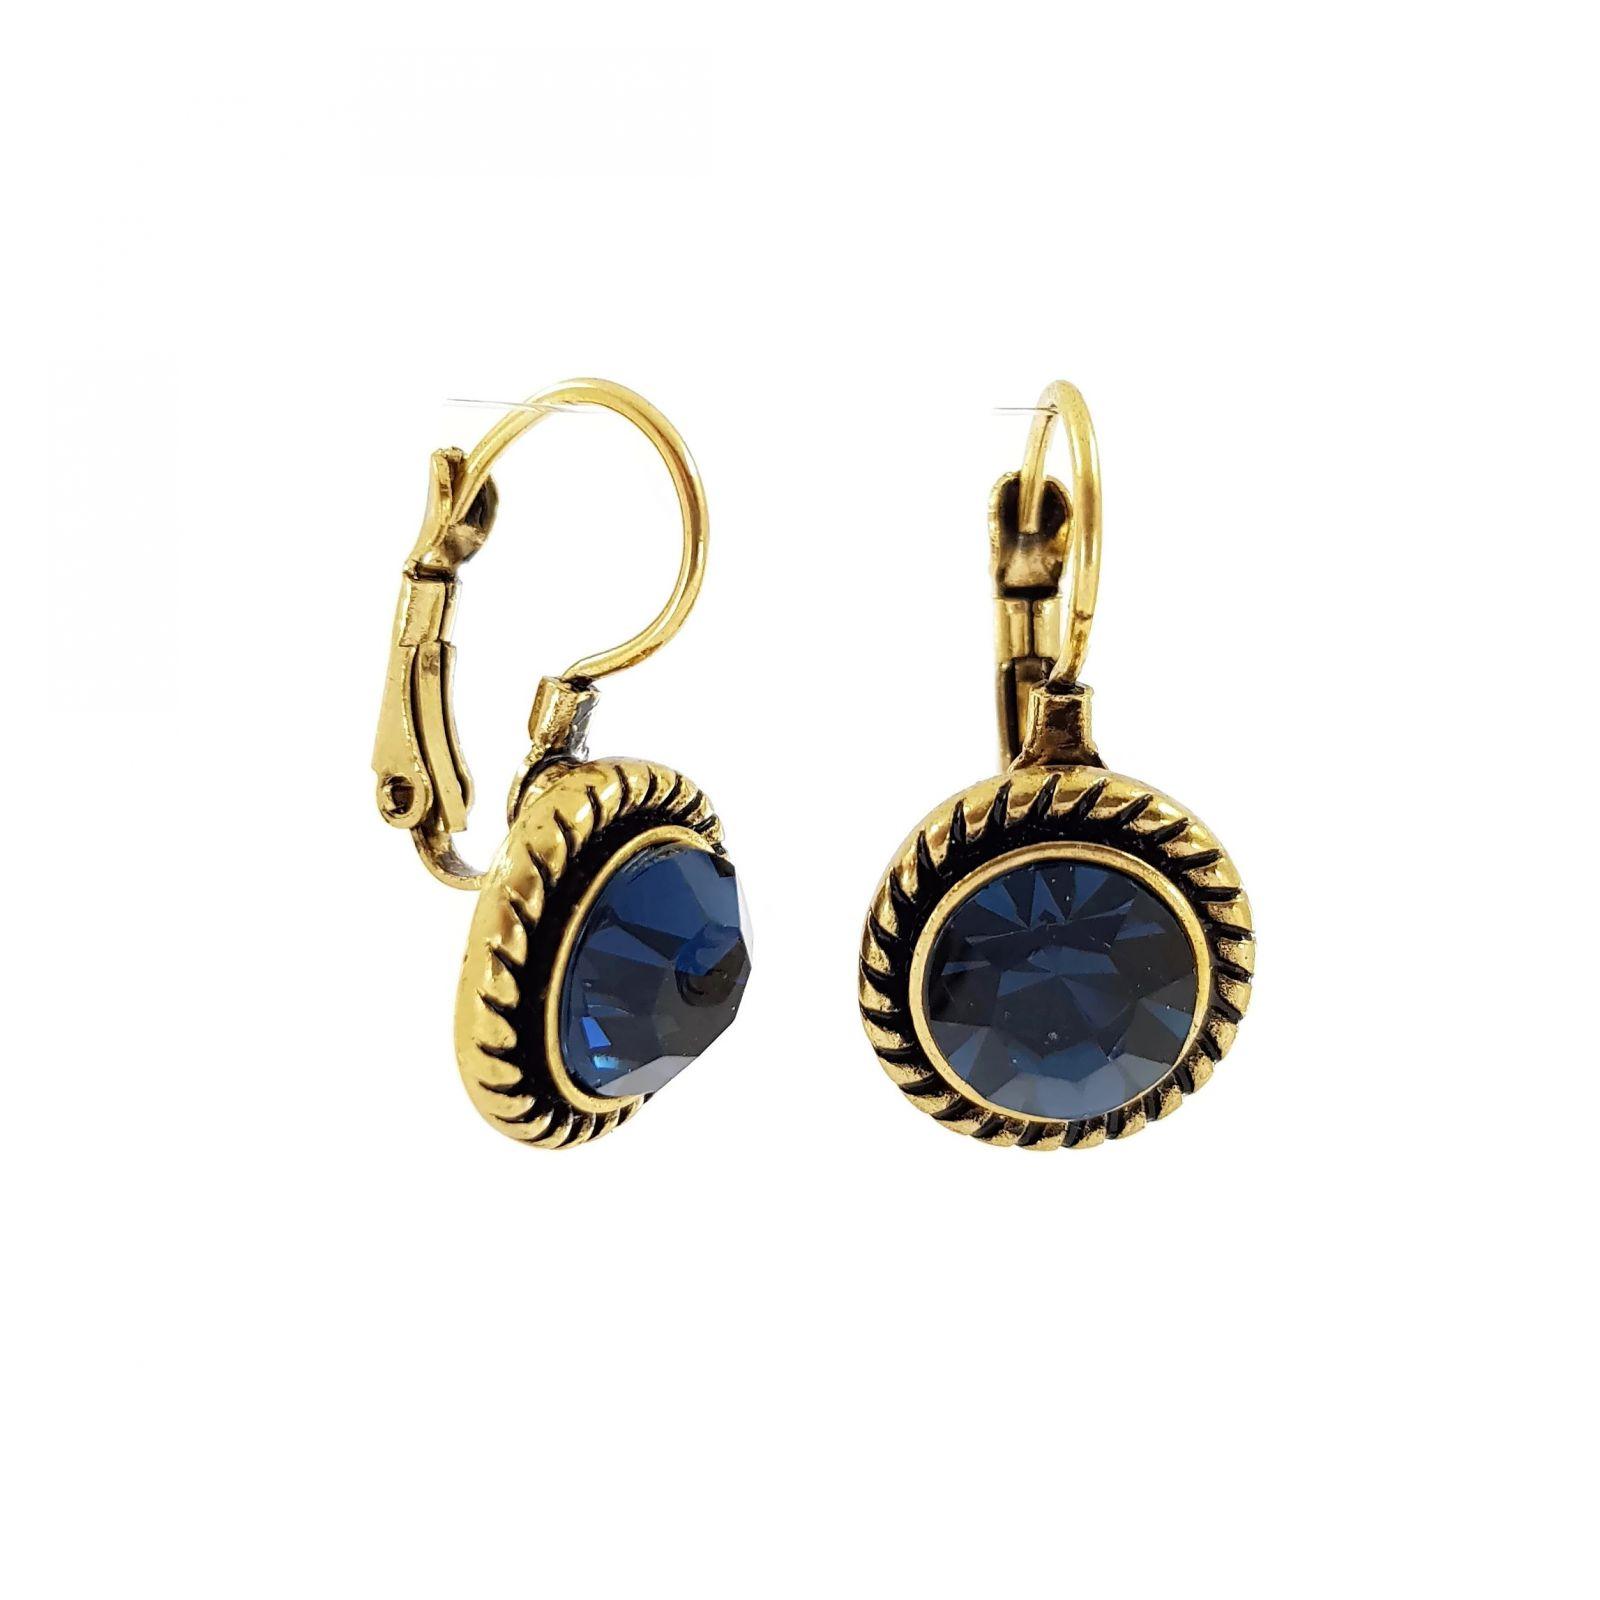 Náušnice Dva páry s modrými a bílými kamínky